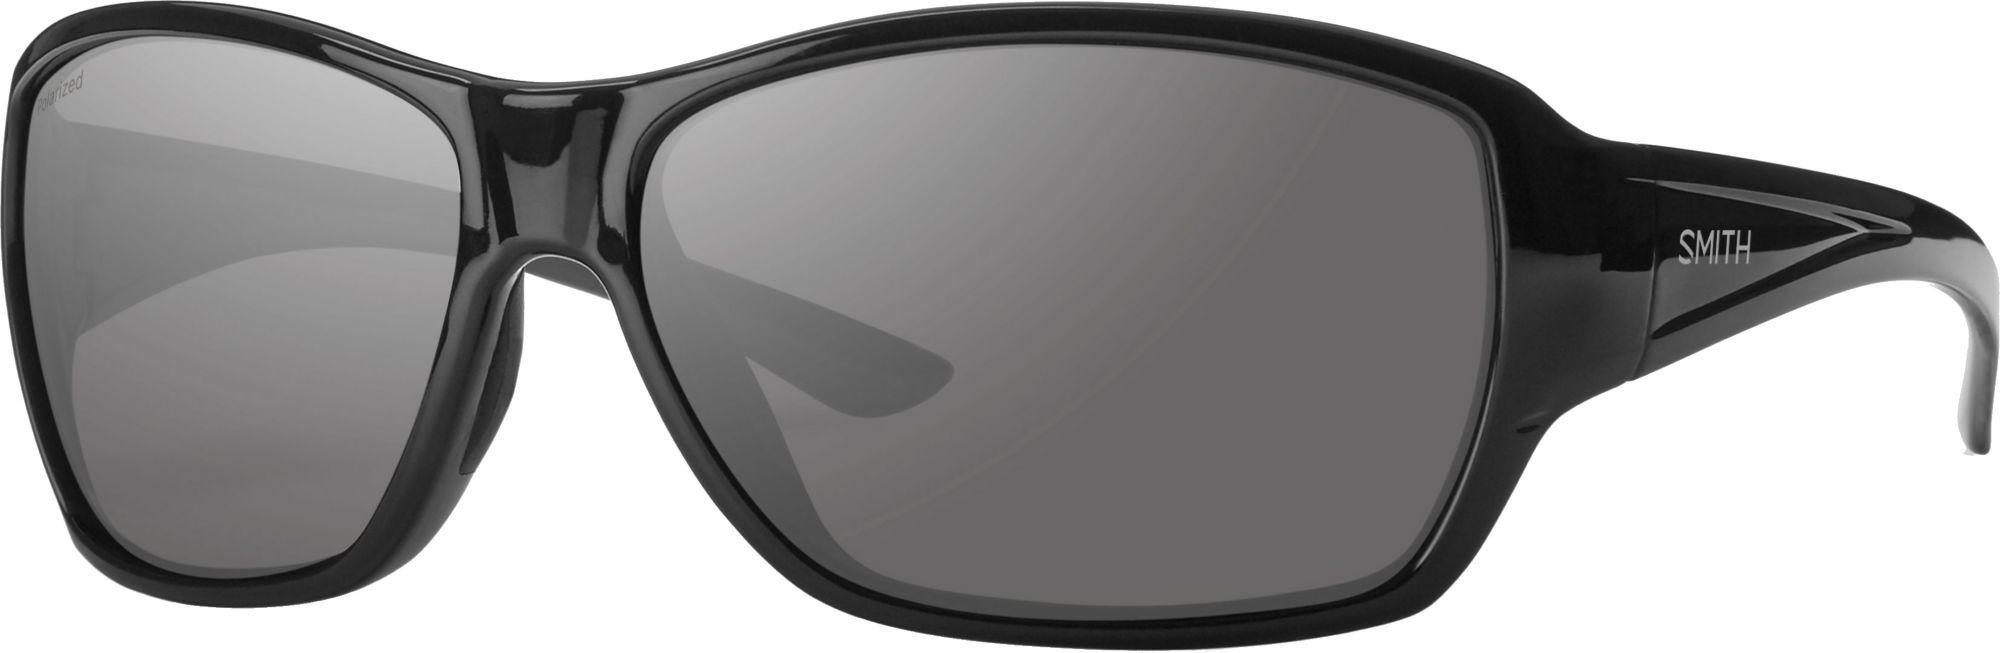 a8e622e11a Lyst - Smith Optics Purist Polarized Sunglasses in Gray for Men